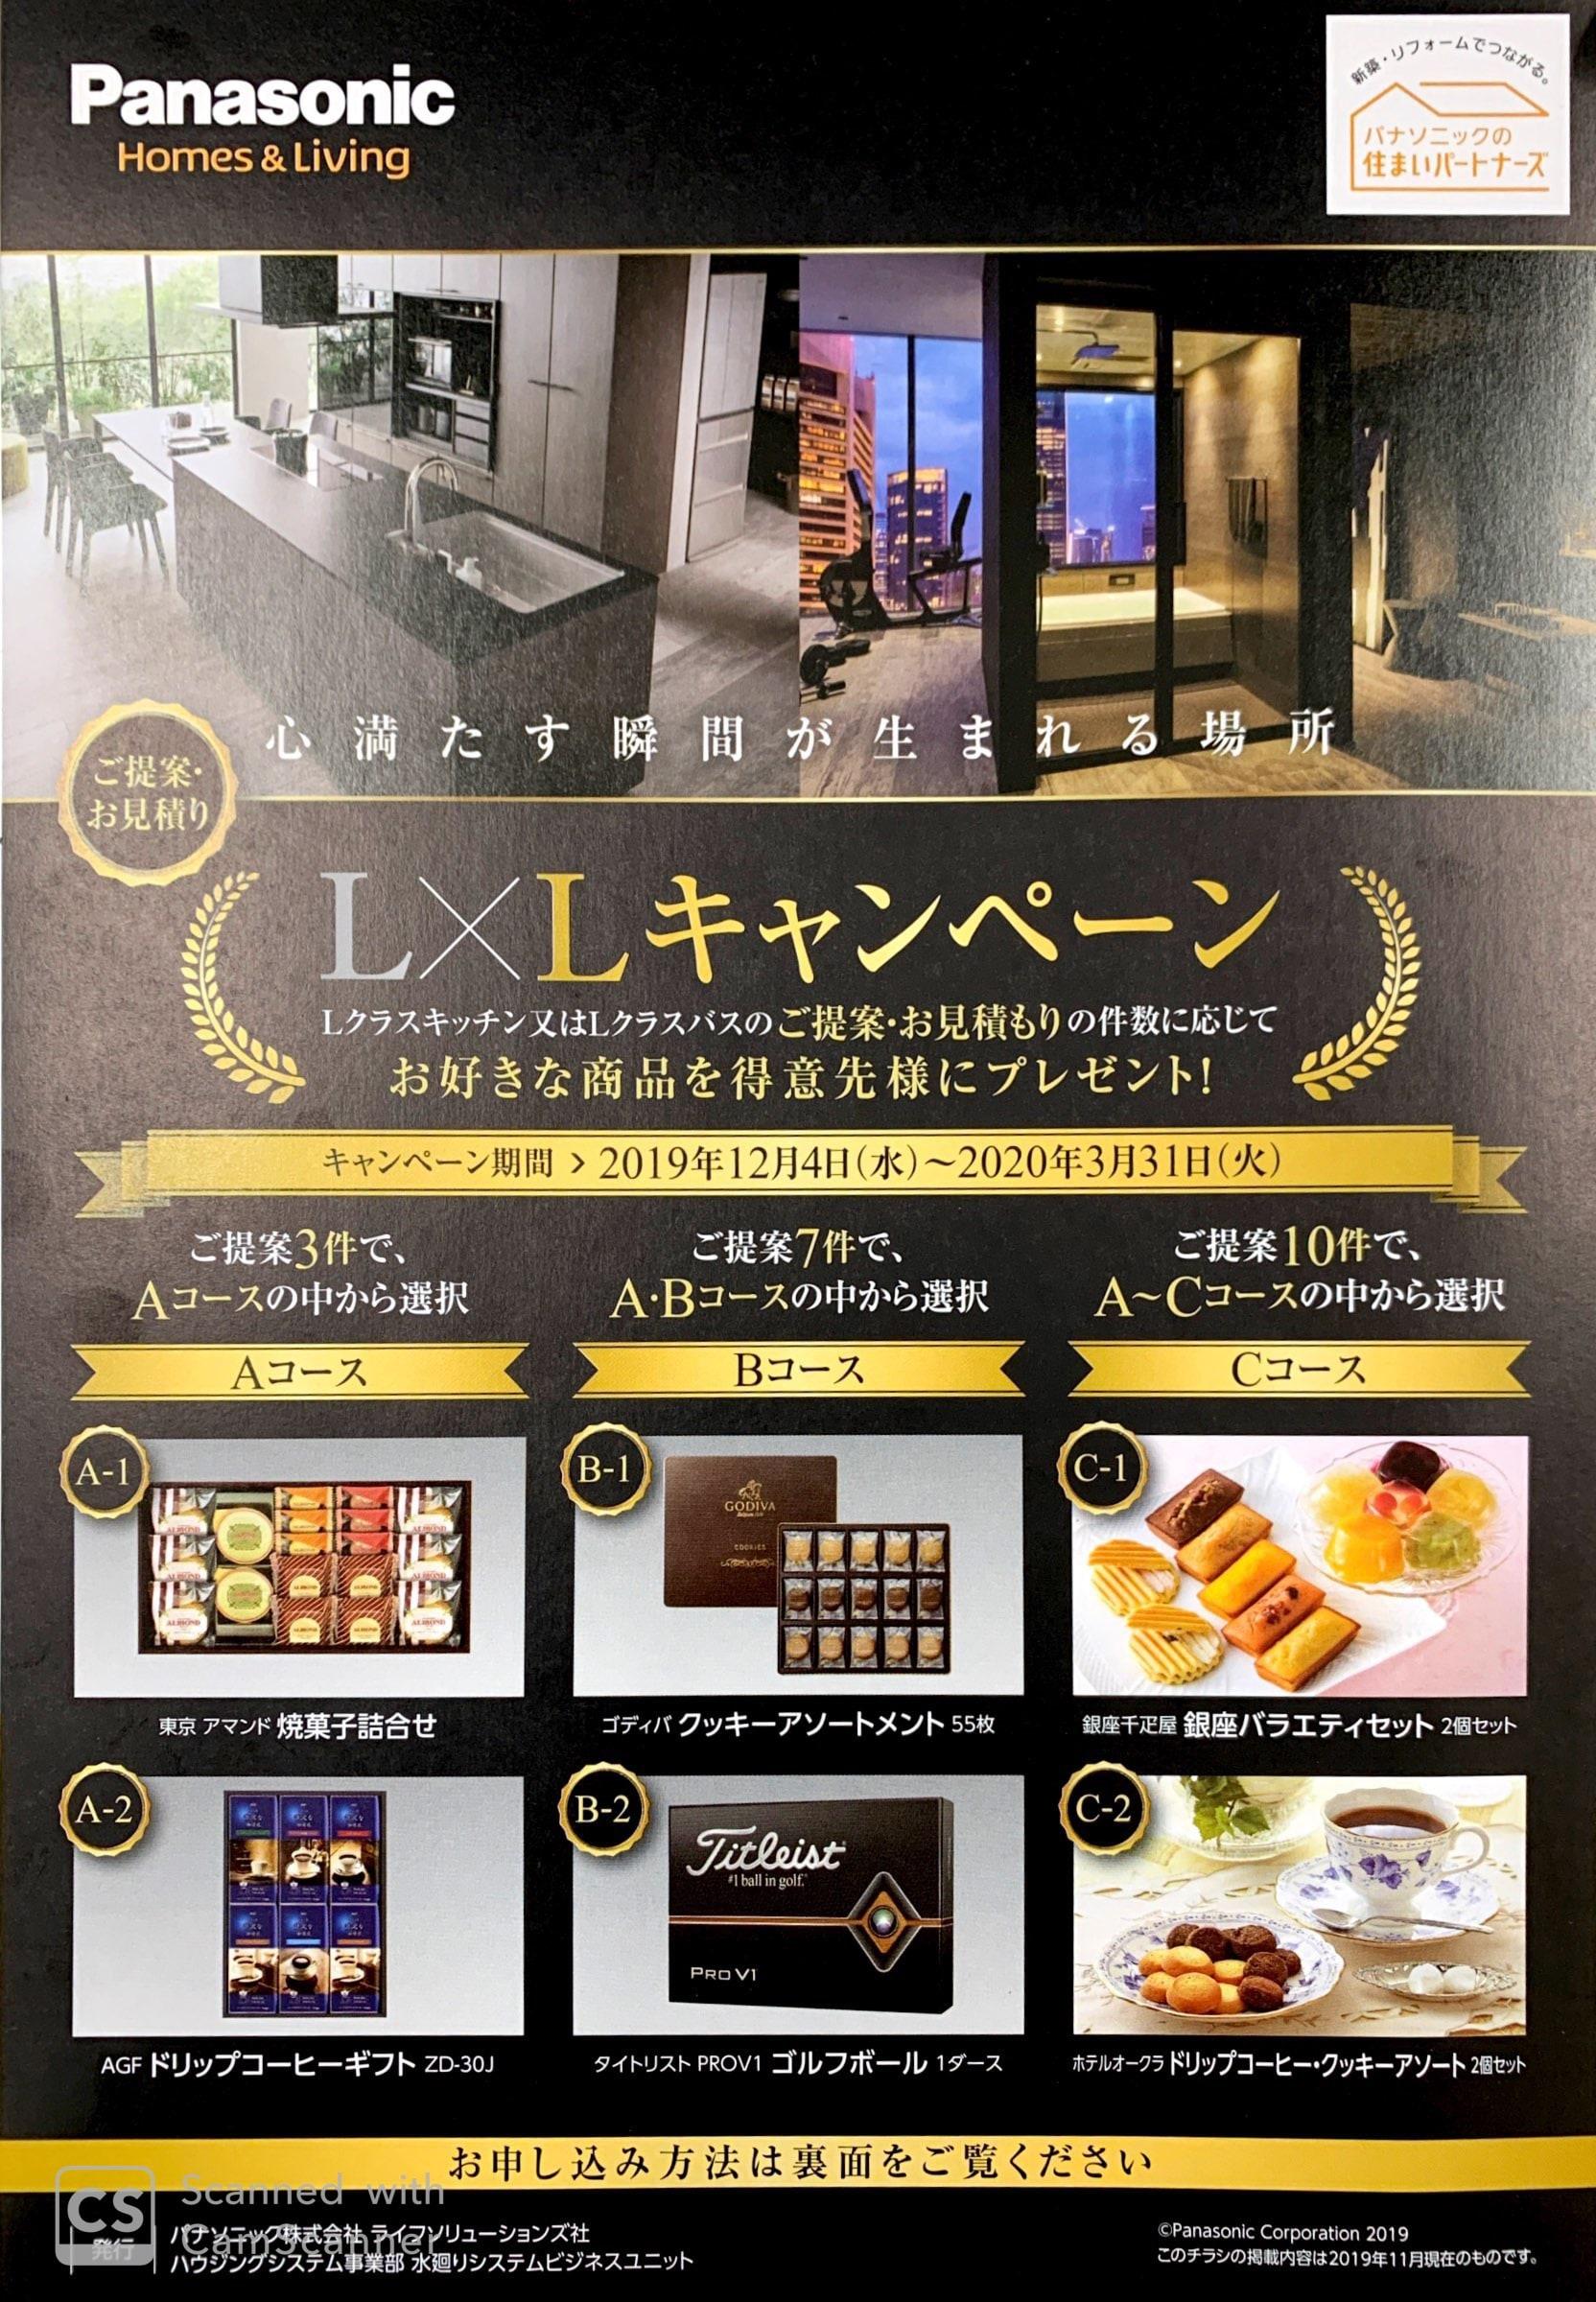 【Panasonic】2019年12月4日(水)〜2020年3月31日(火)Lクラスキッチン・Lクラスバスのご提案・お見積もりの件数に応じてお好きな商品をプレゼント!!